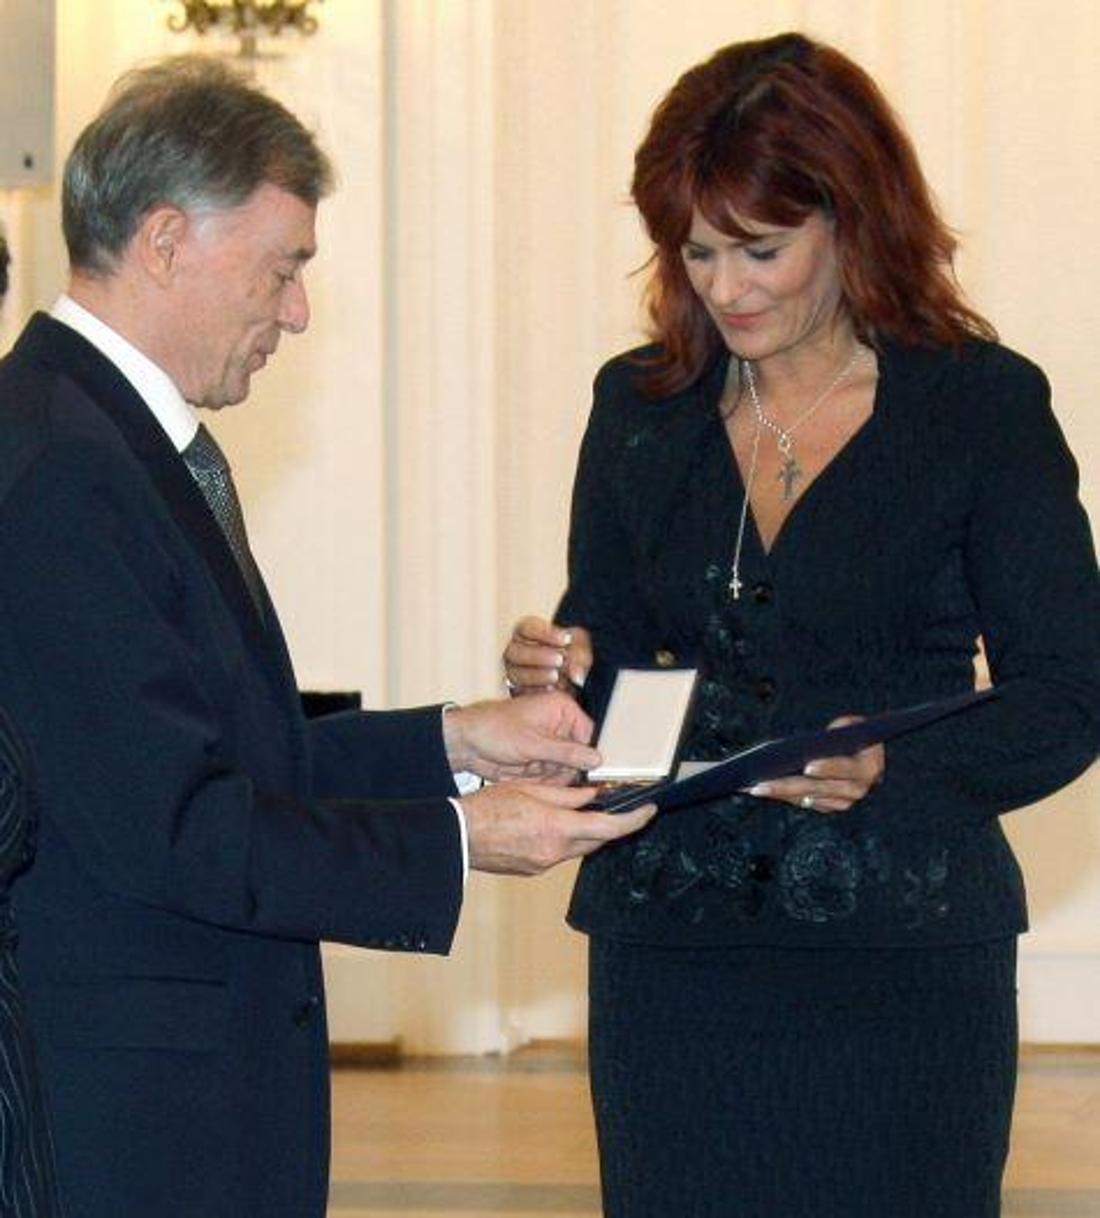 Schlagerrsängerin Andrea Berg bei der Verleihung des Bundesverdienstkreuz.